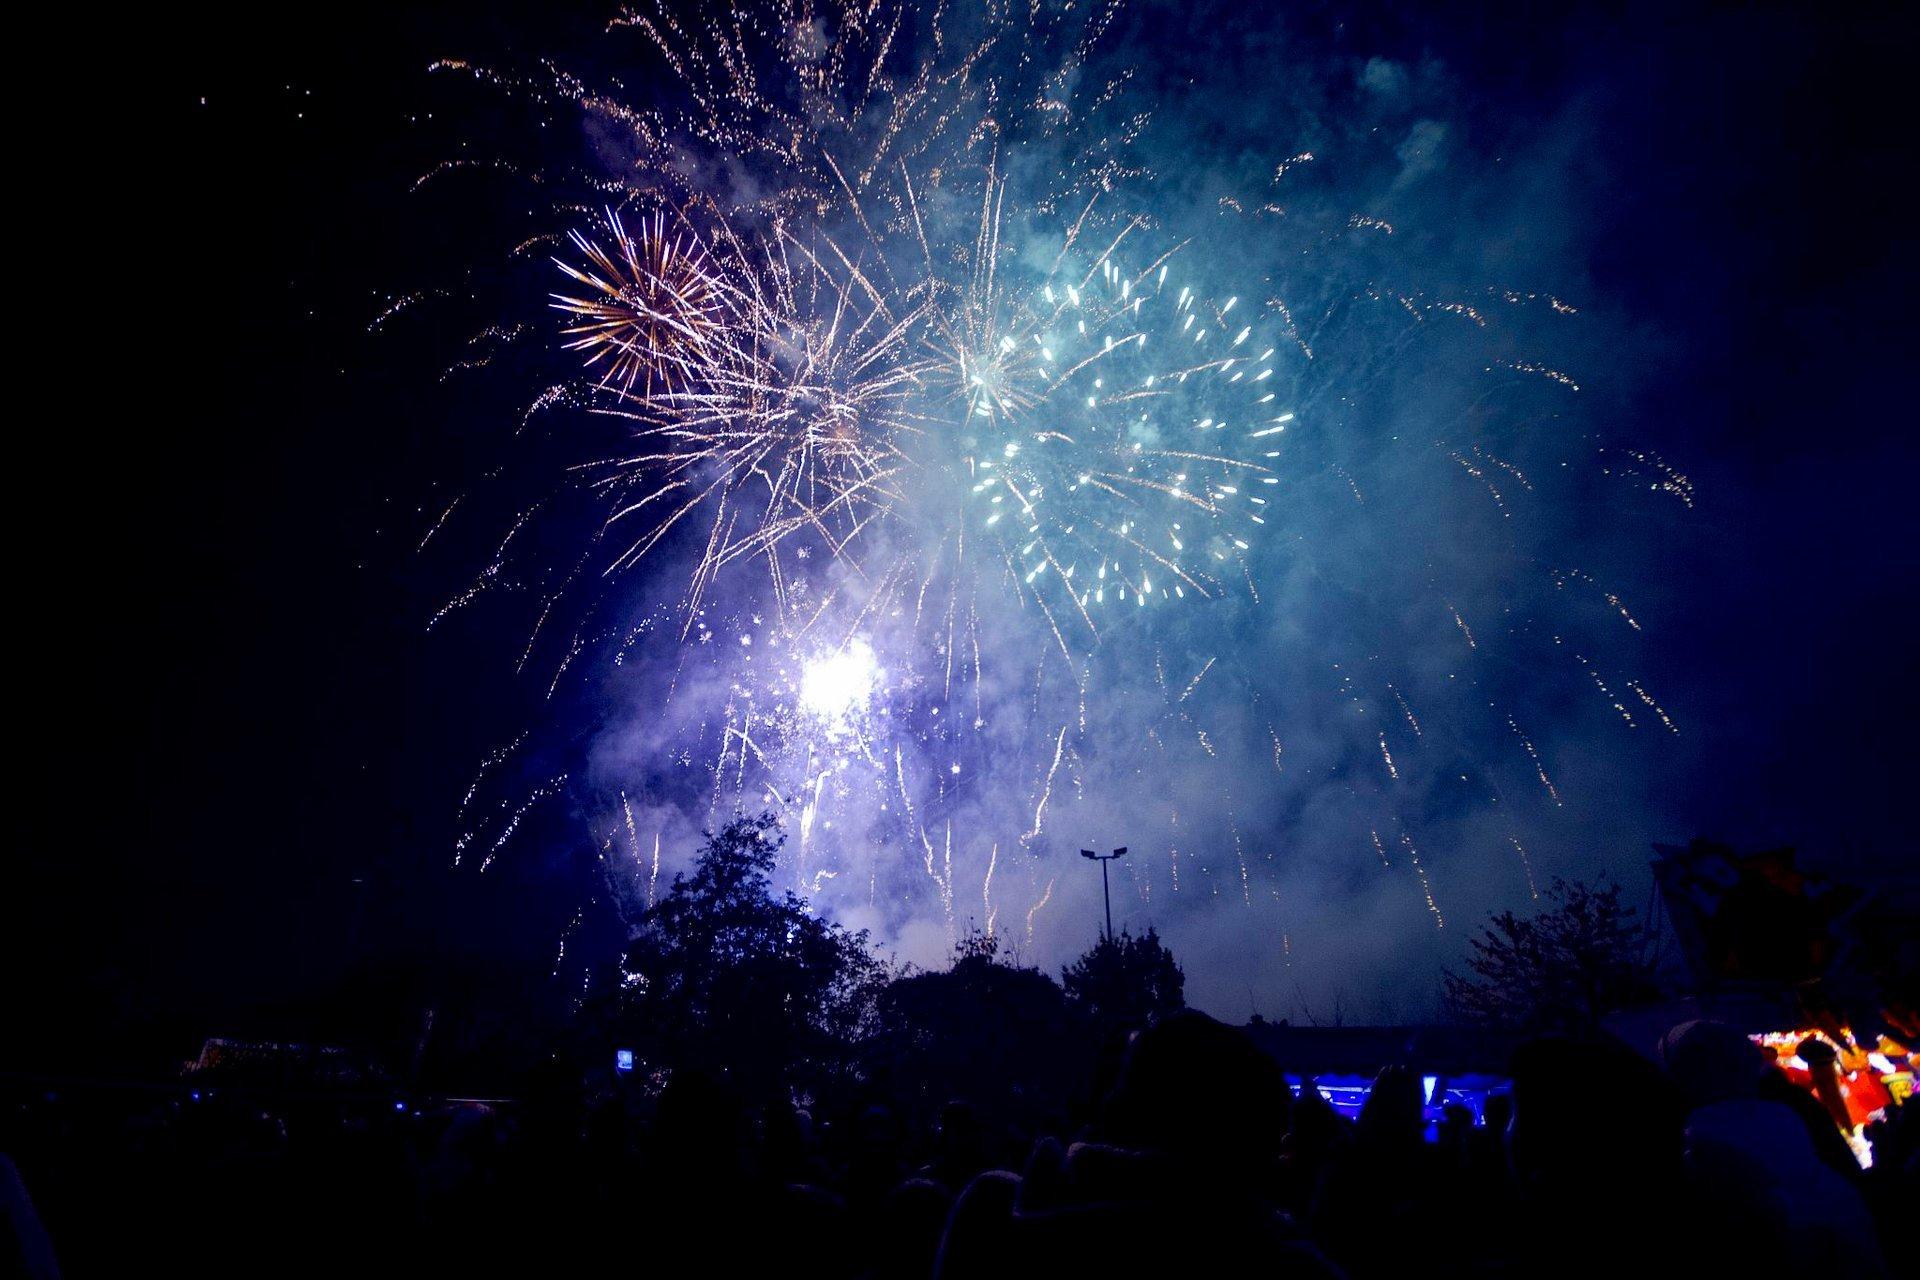 Walthamstow Fireworks Display